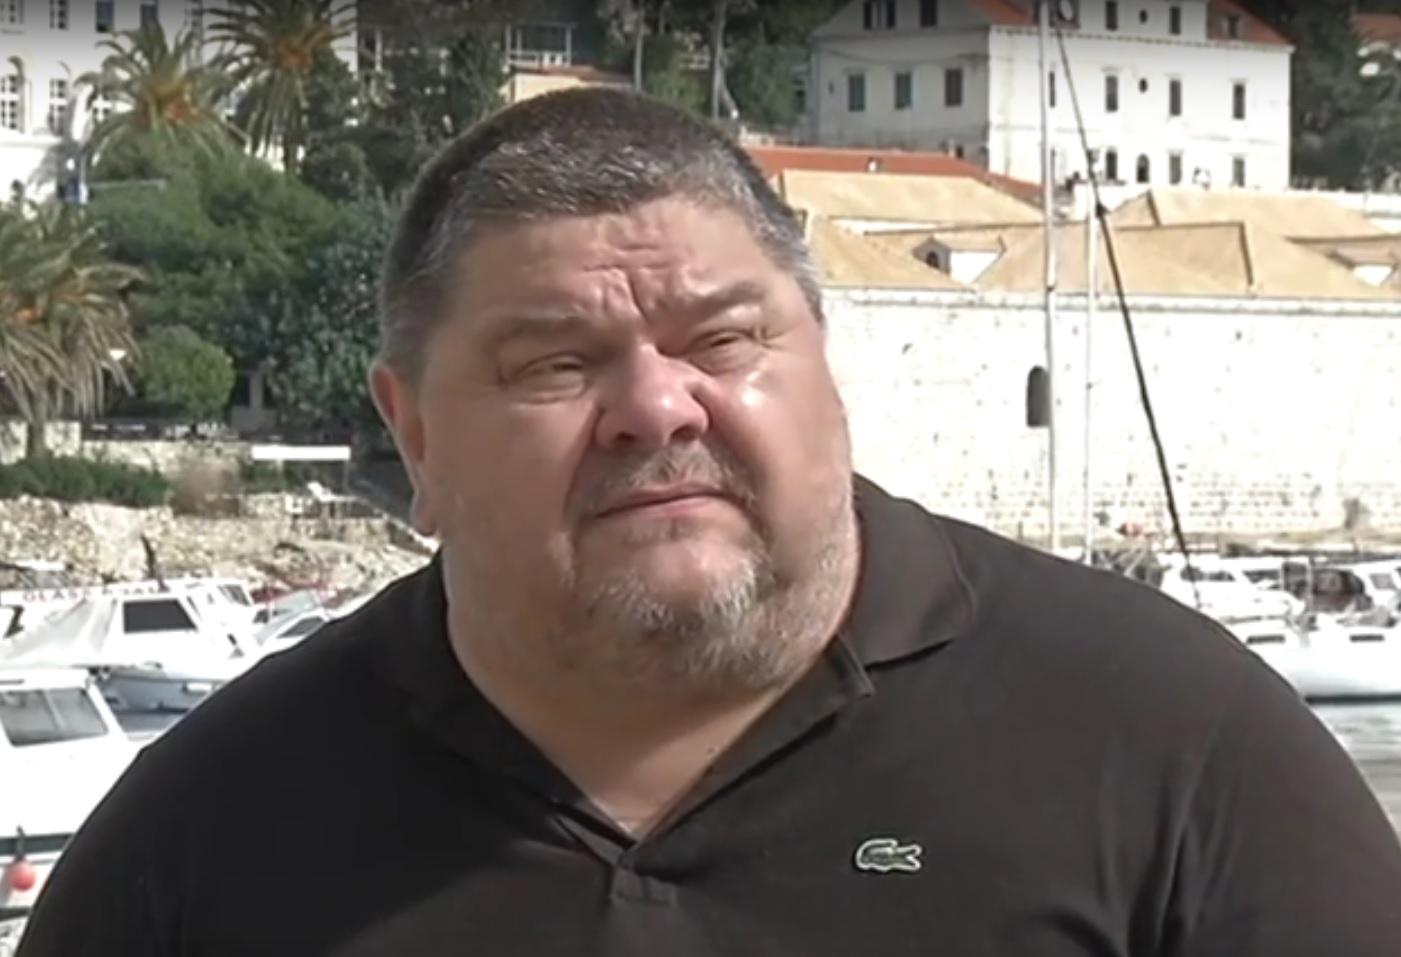 ULJNE MRLJE NA JADRANU: Kaljuža s brodova čisti se noću po naredbi vlasnika brodova - kaže Piršić